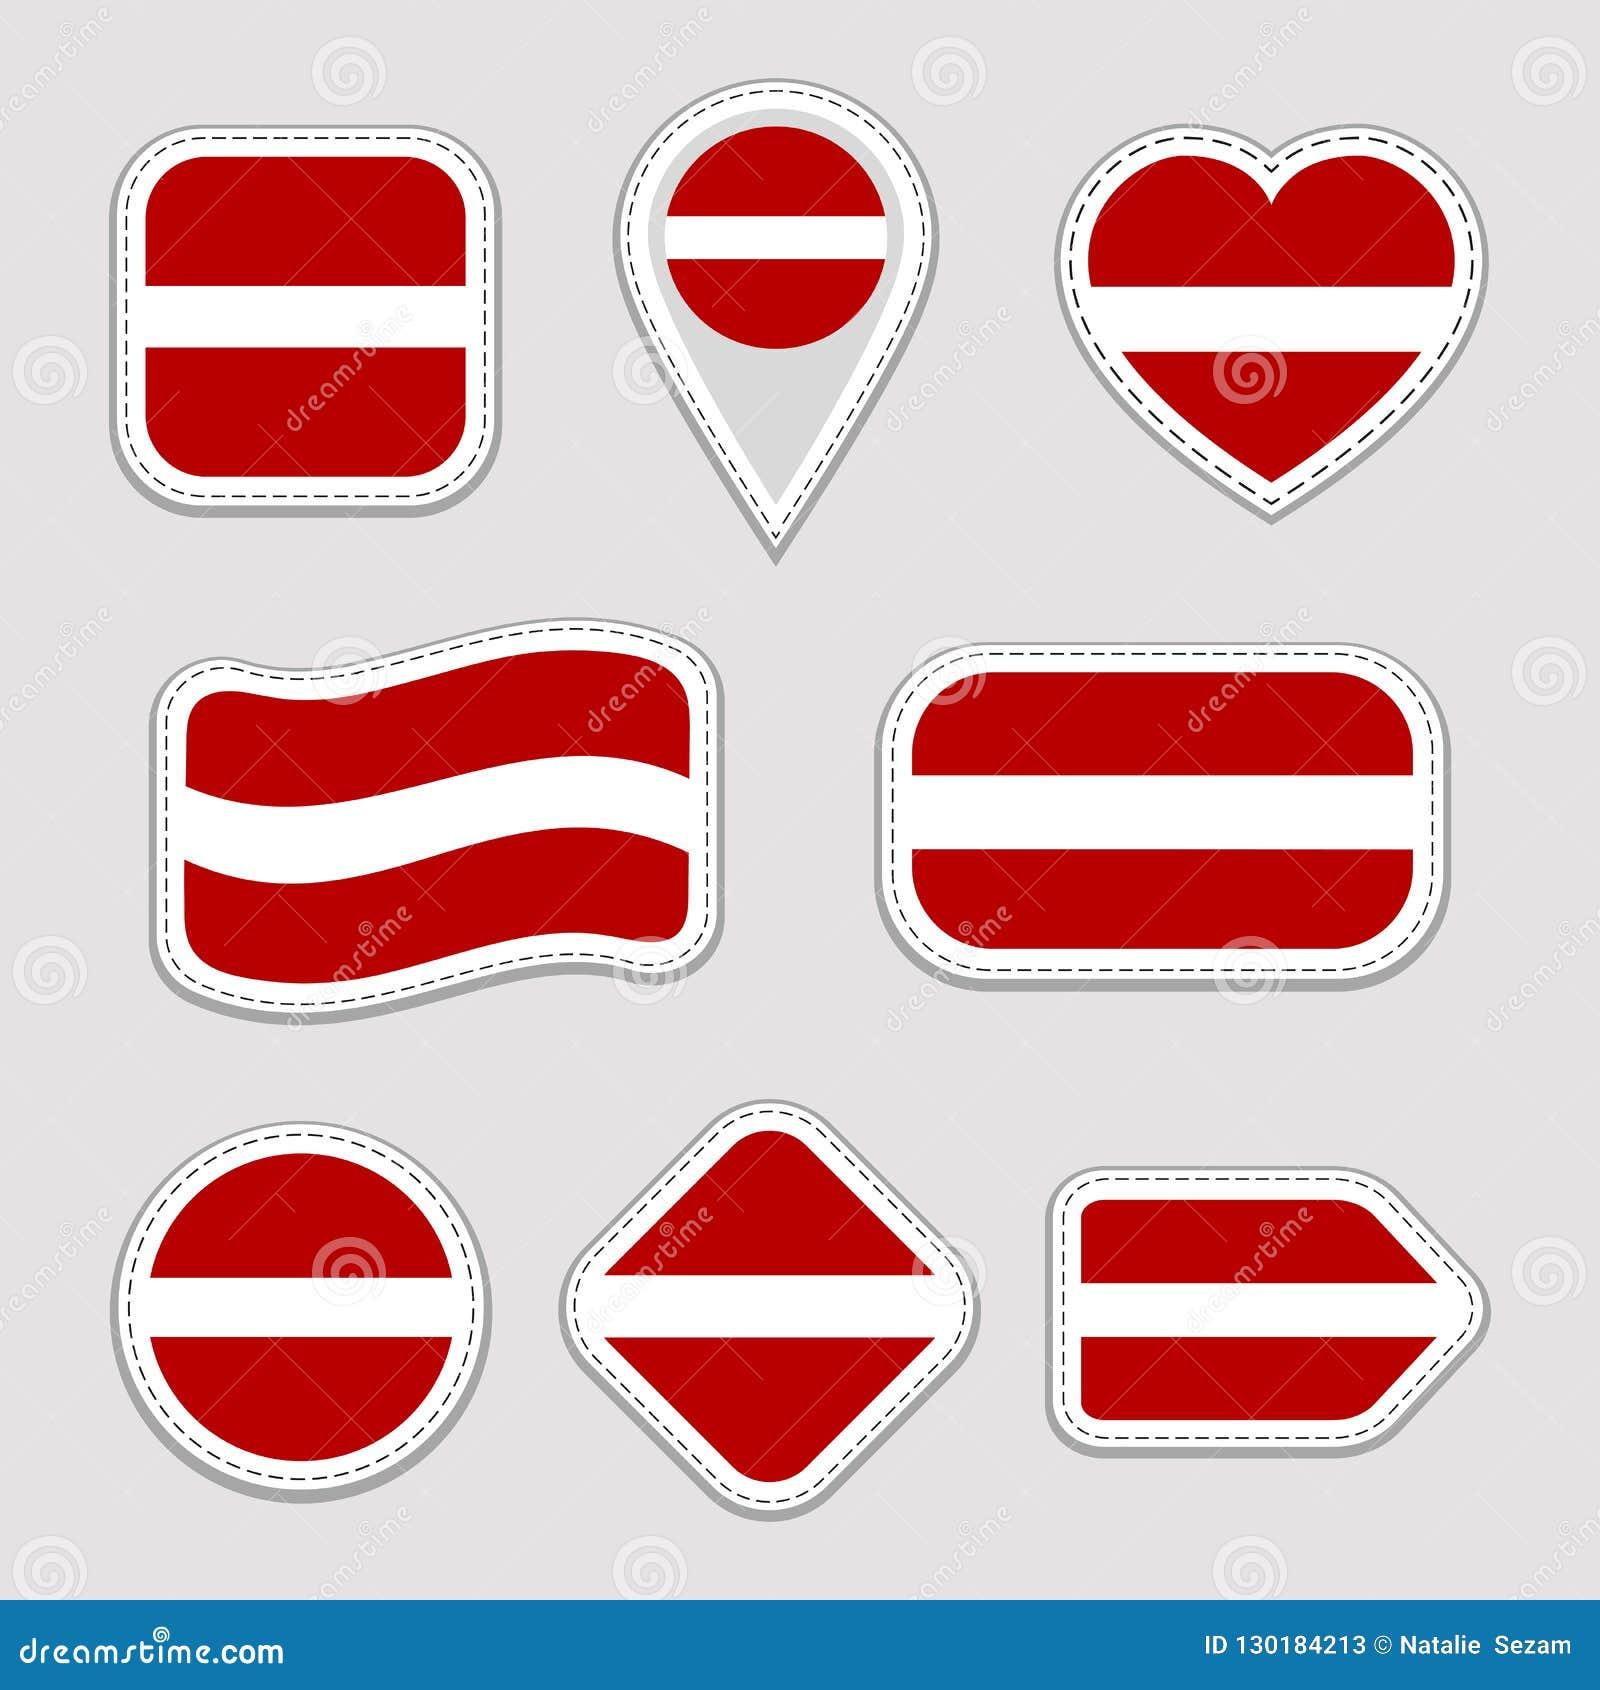 Latvia Flag Stickers Set Latvian National Symbols Badges Isolated